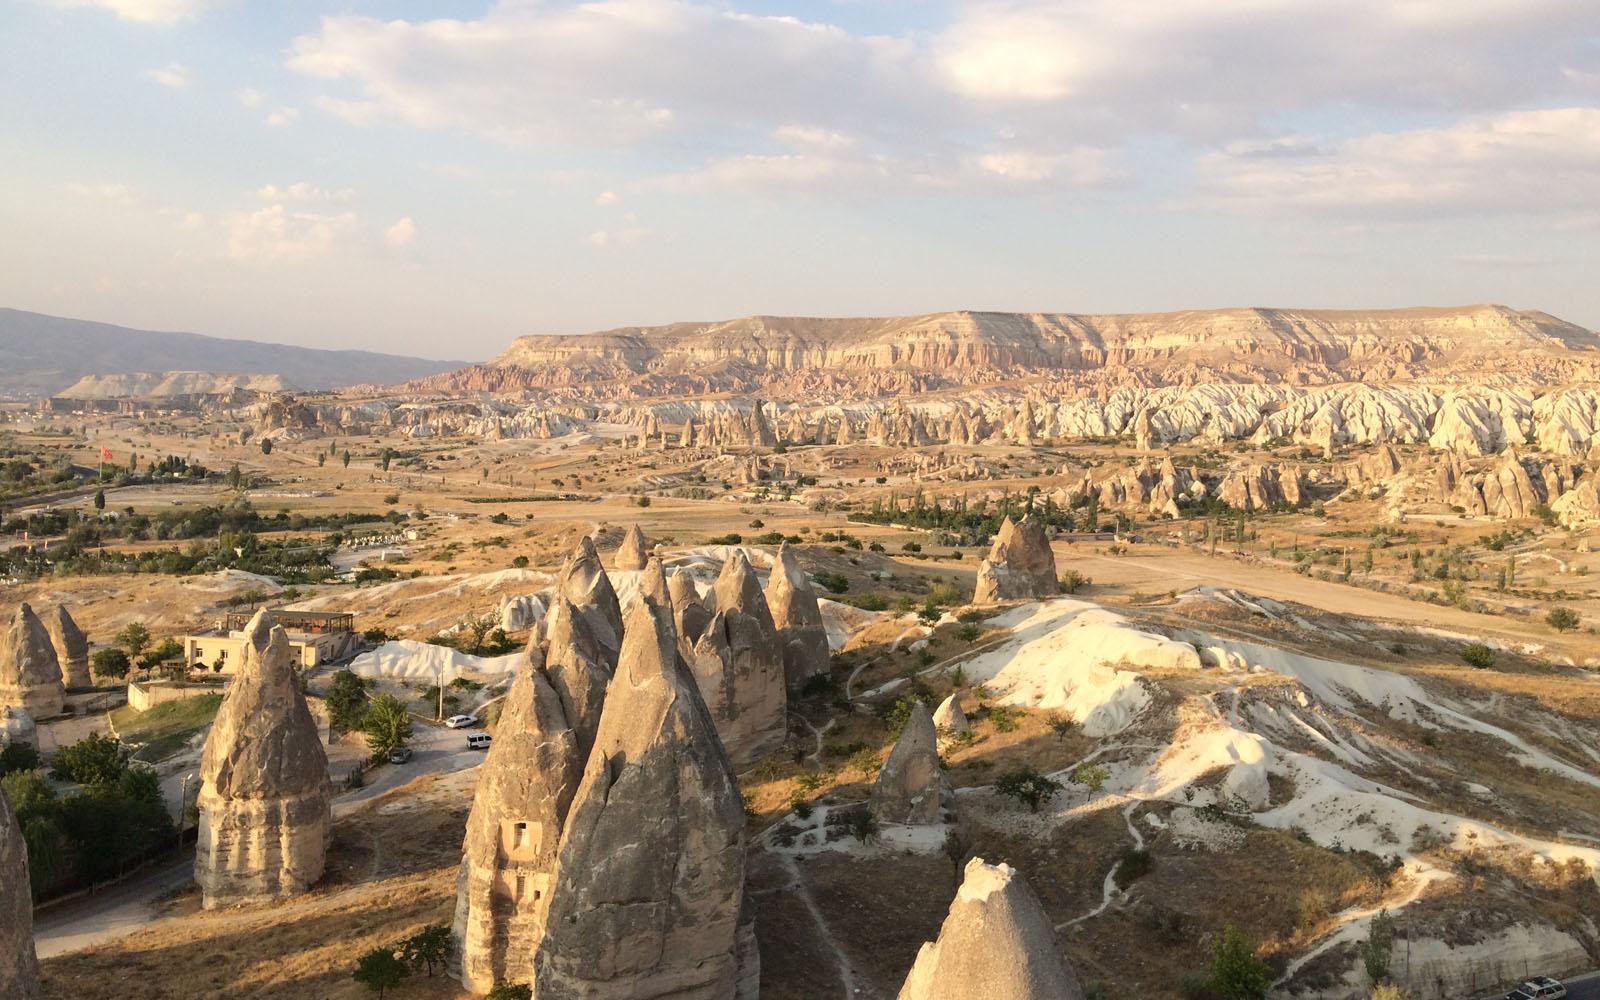 Veduta panoramica dei Camini delle Fate, in Cappadocia.